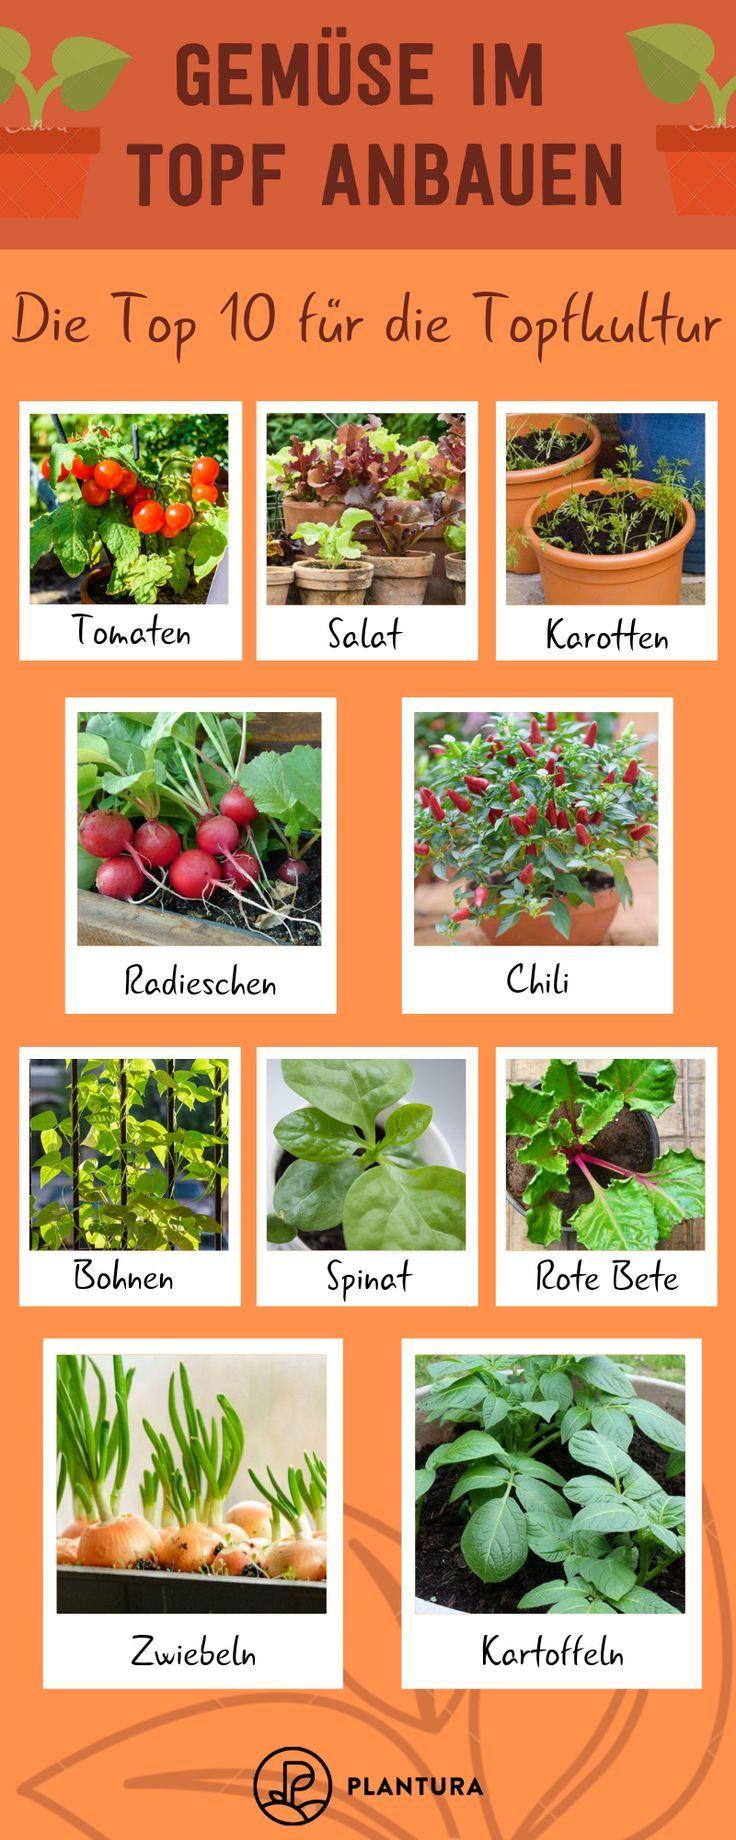 Gemüse im Topf anbauen: Die 10 besten Sorten für die Topfkultur - Plantura #howtogrowvegetables